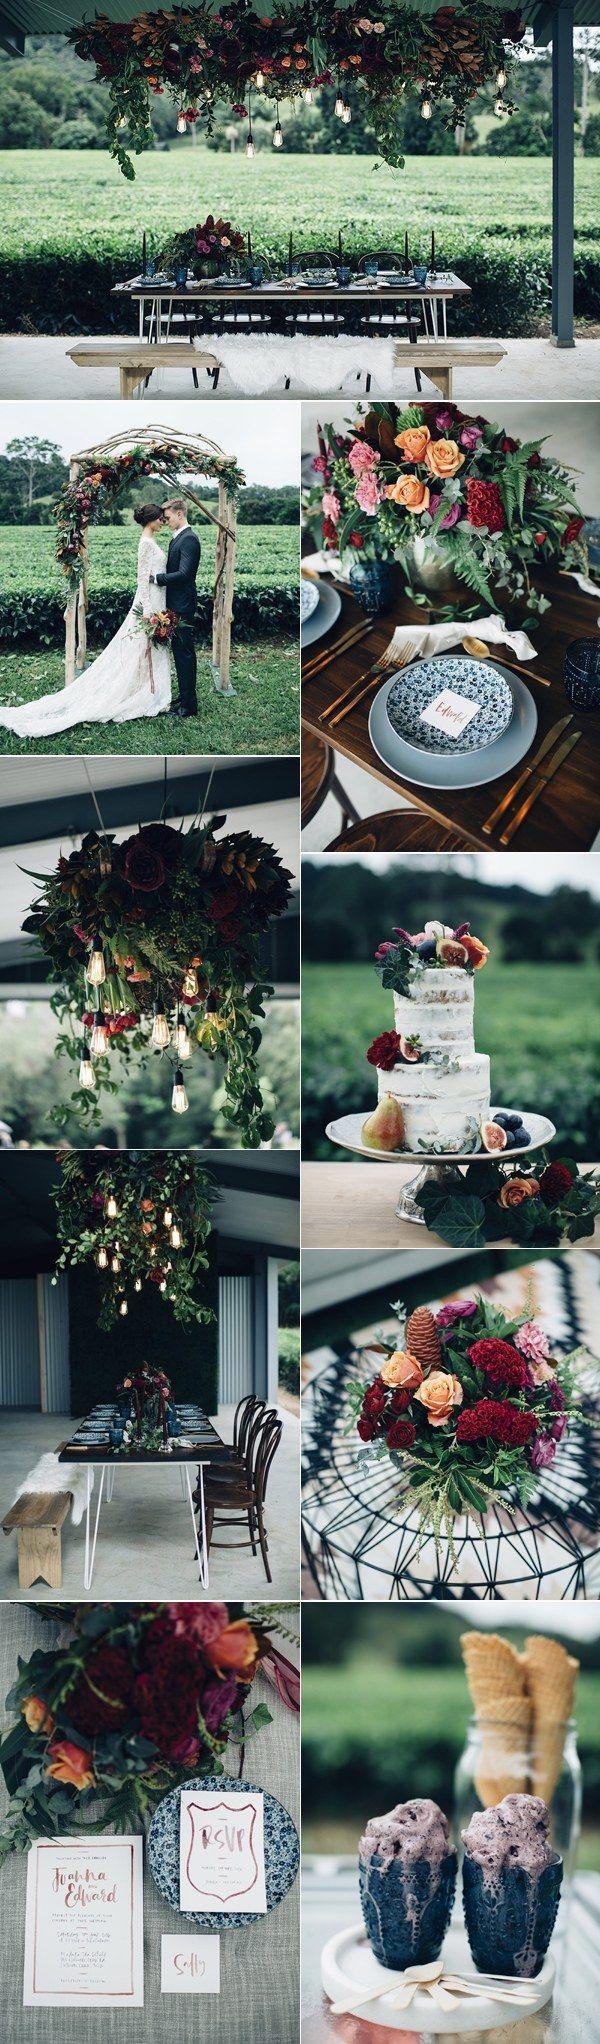 Moody industrial deep red and dark navy wedding ideas / http://www.deerpearlflowers.com/industrial-wedding-theme-ideas/2/